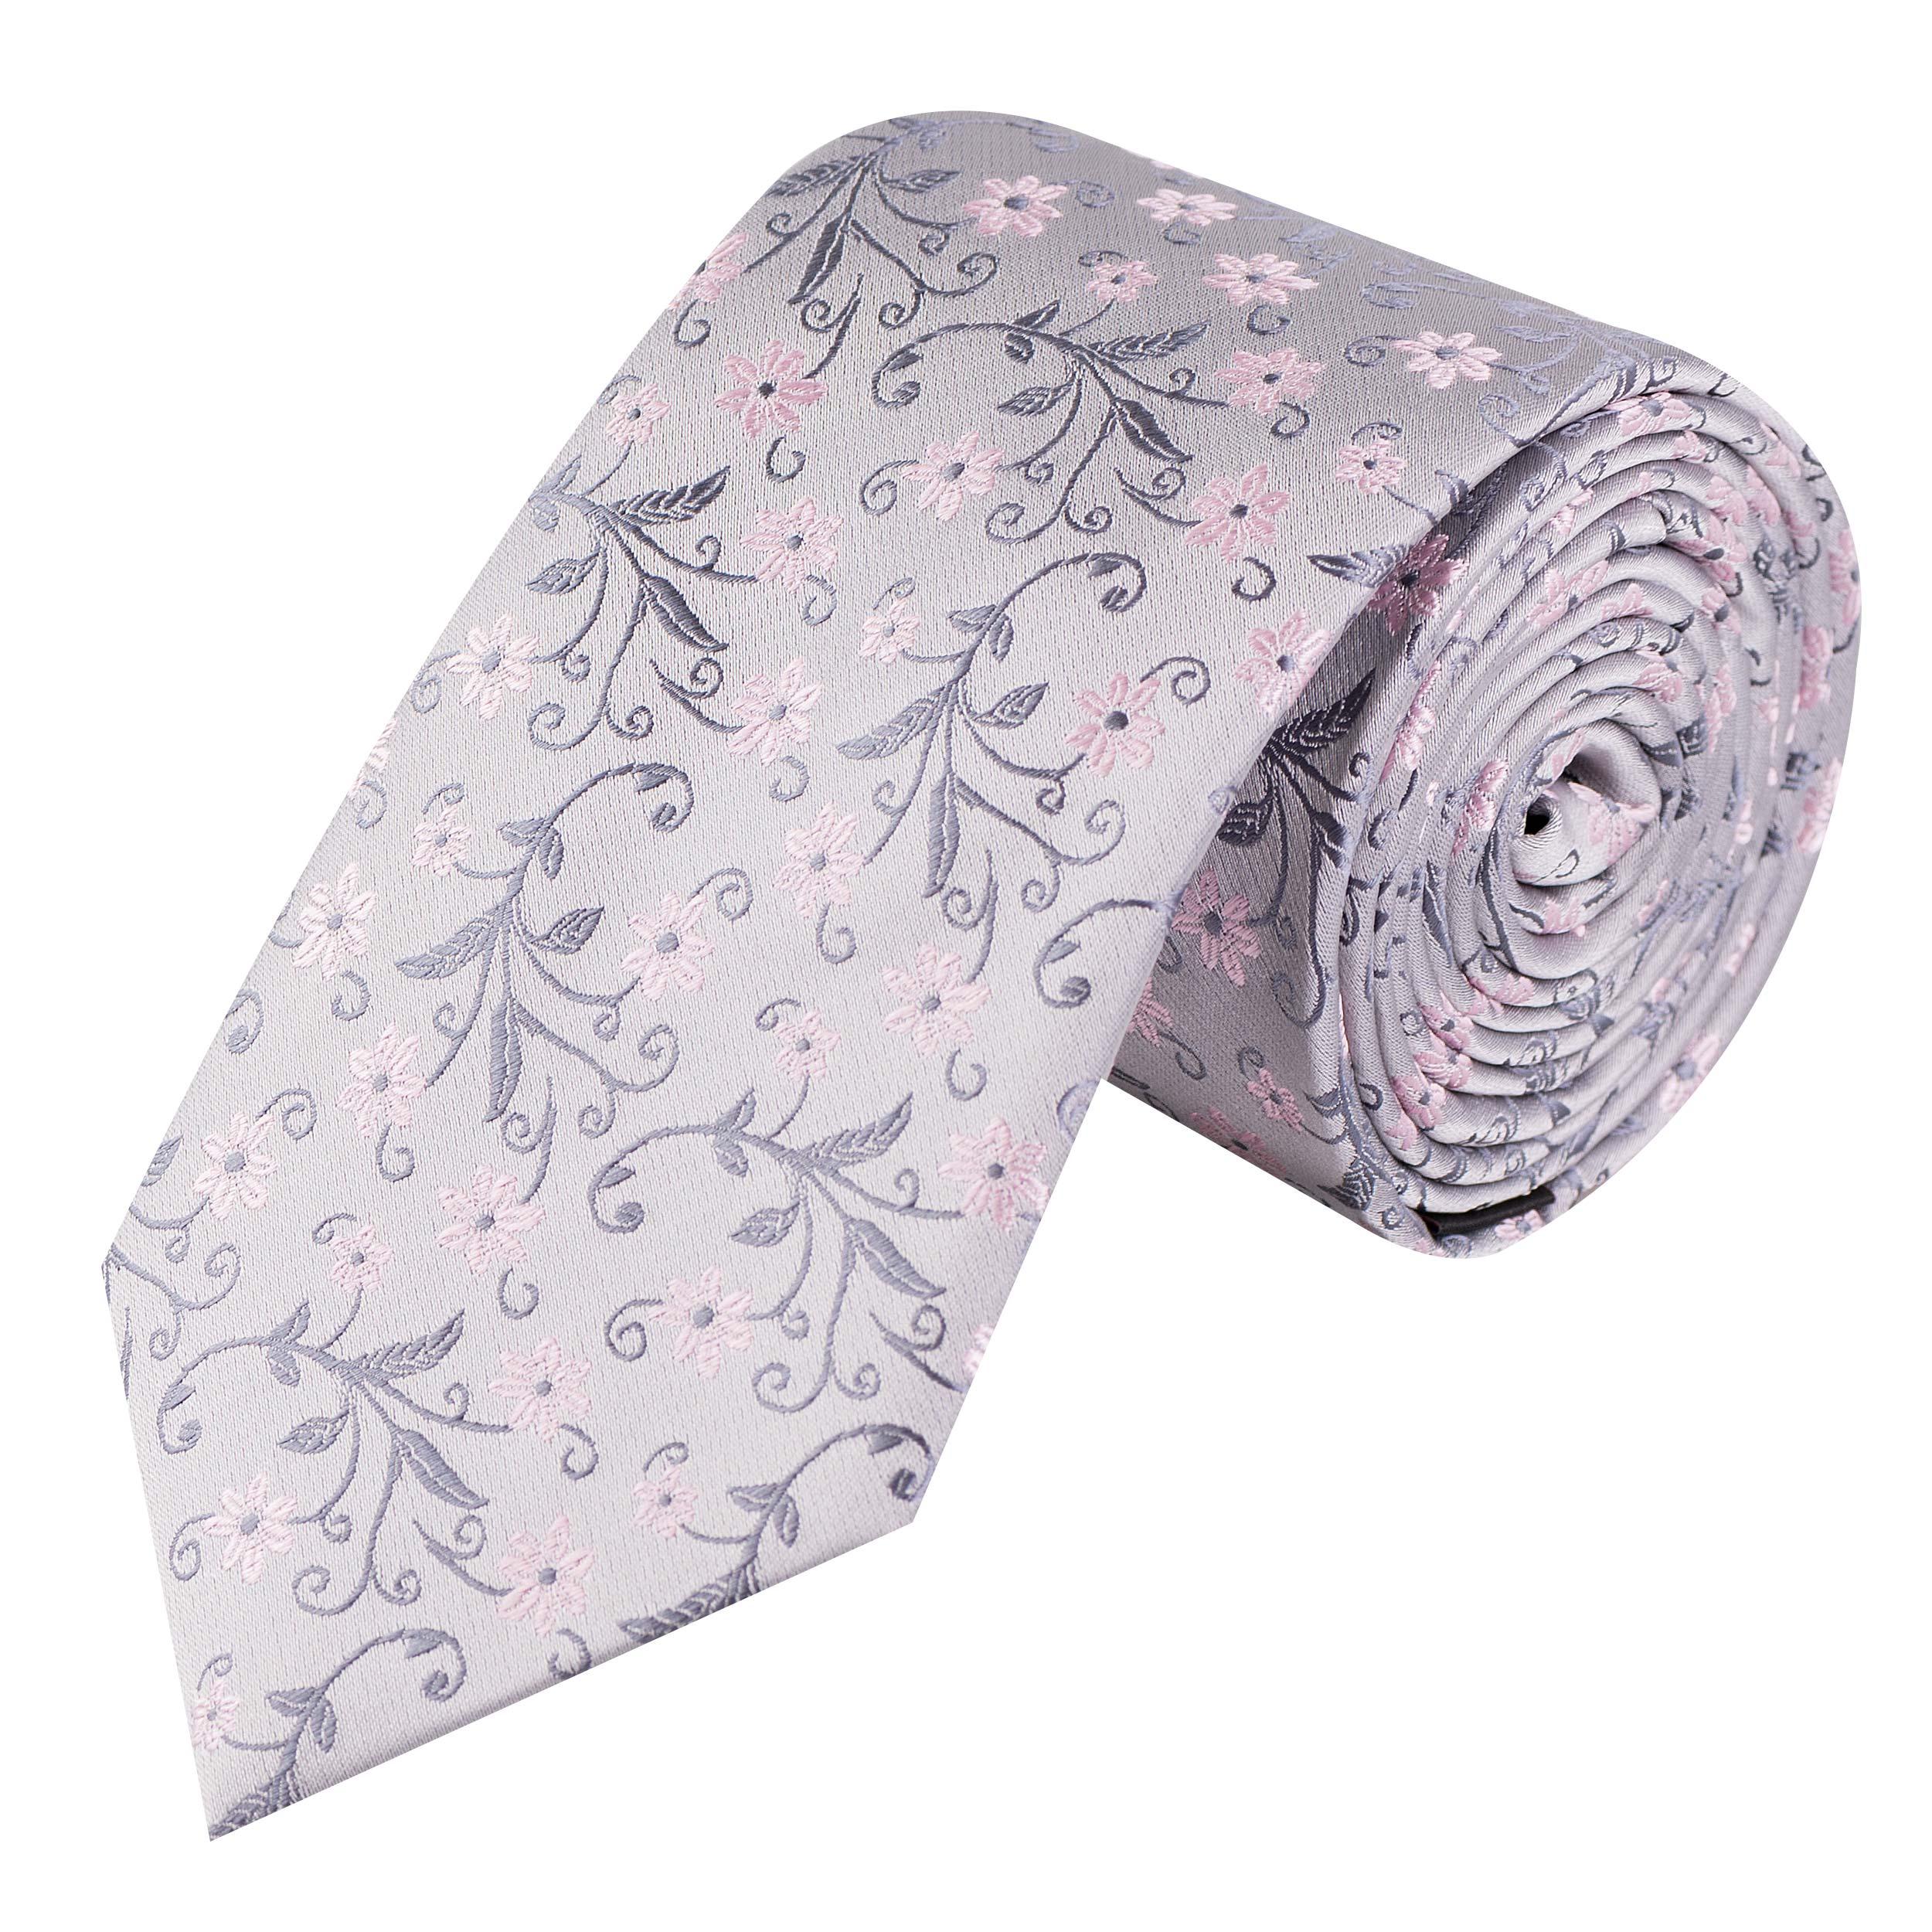 کراوات مردانه مدل GF-F1371-GR